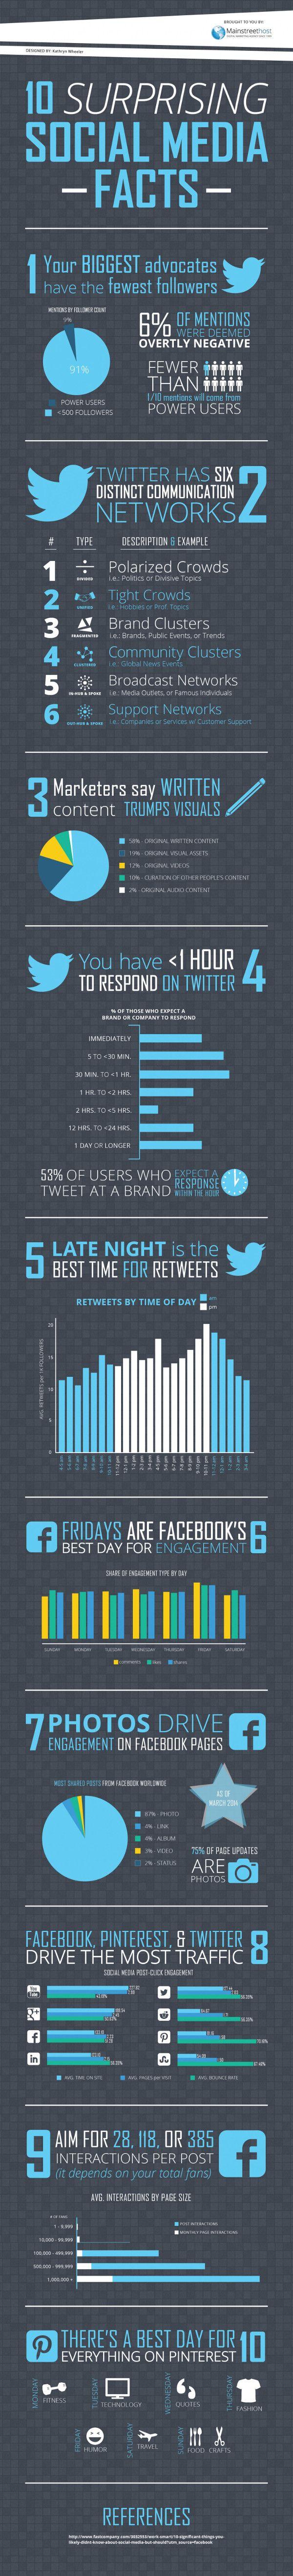 Een infographic met 'sociale feiten' die je misschien niet wist: retweets werken het beste tussen 22.00 en 23.00 uur uur, Facebook kent zijn vrijdagse happy hour, op vrijdag scoor je bij Pinterest het beste met humor, en op woensdag met citaten en Twitter kent ten minste zes onderscheidende netwerken.